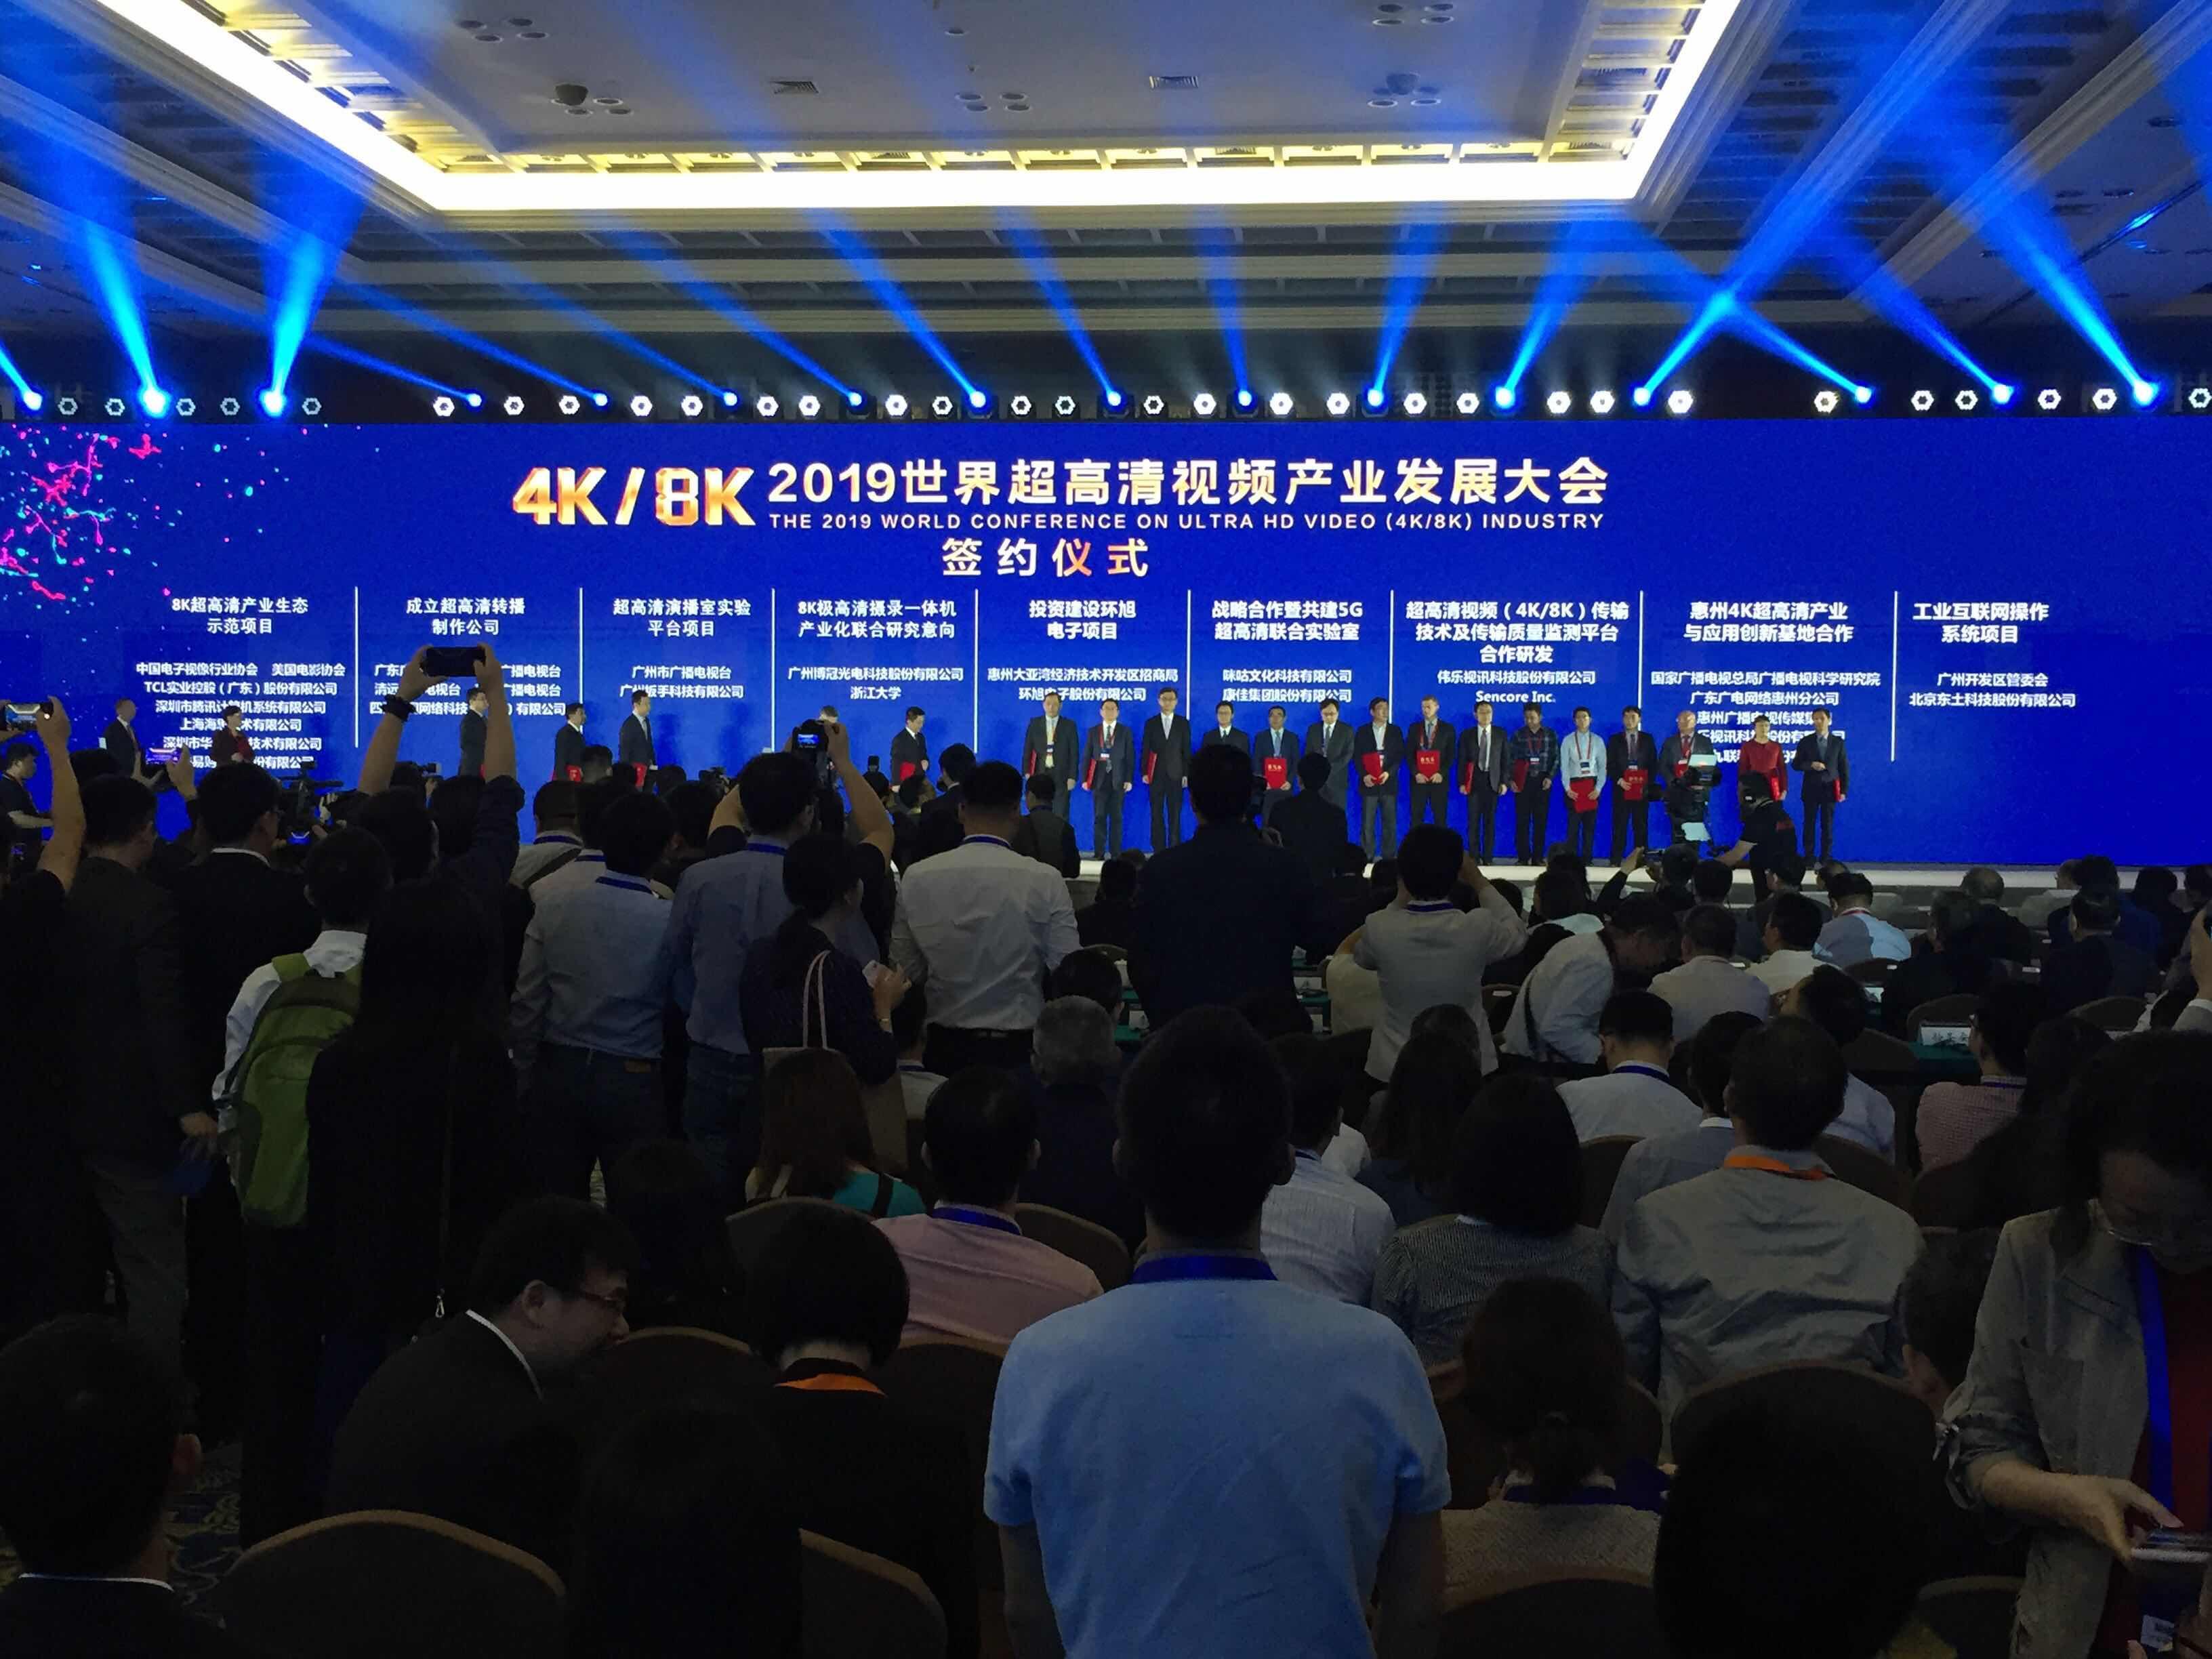 今年中国超高清产业产值将达1.5万亿,内容应用急需突破